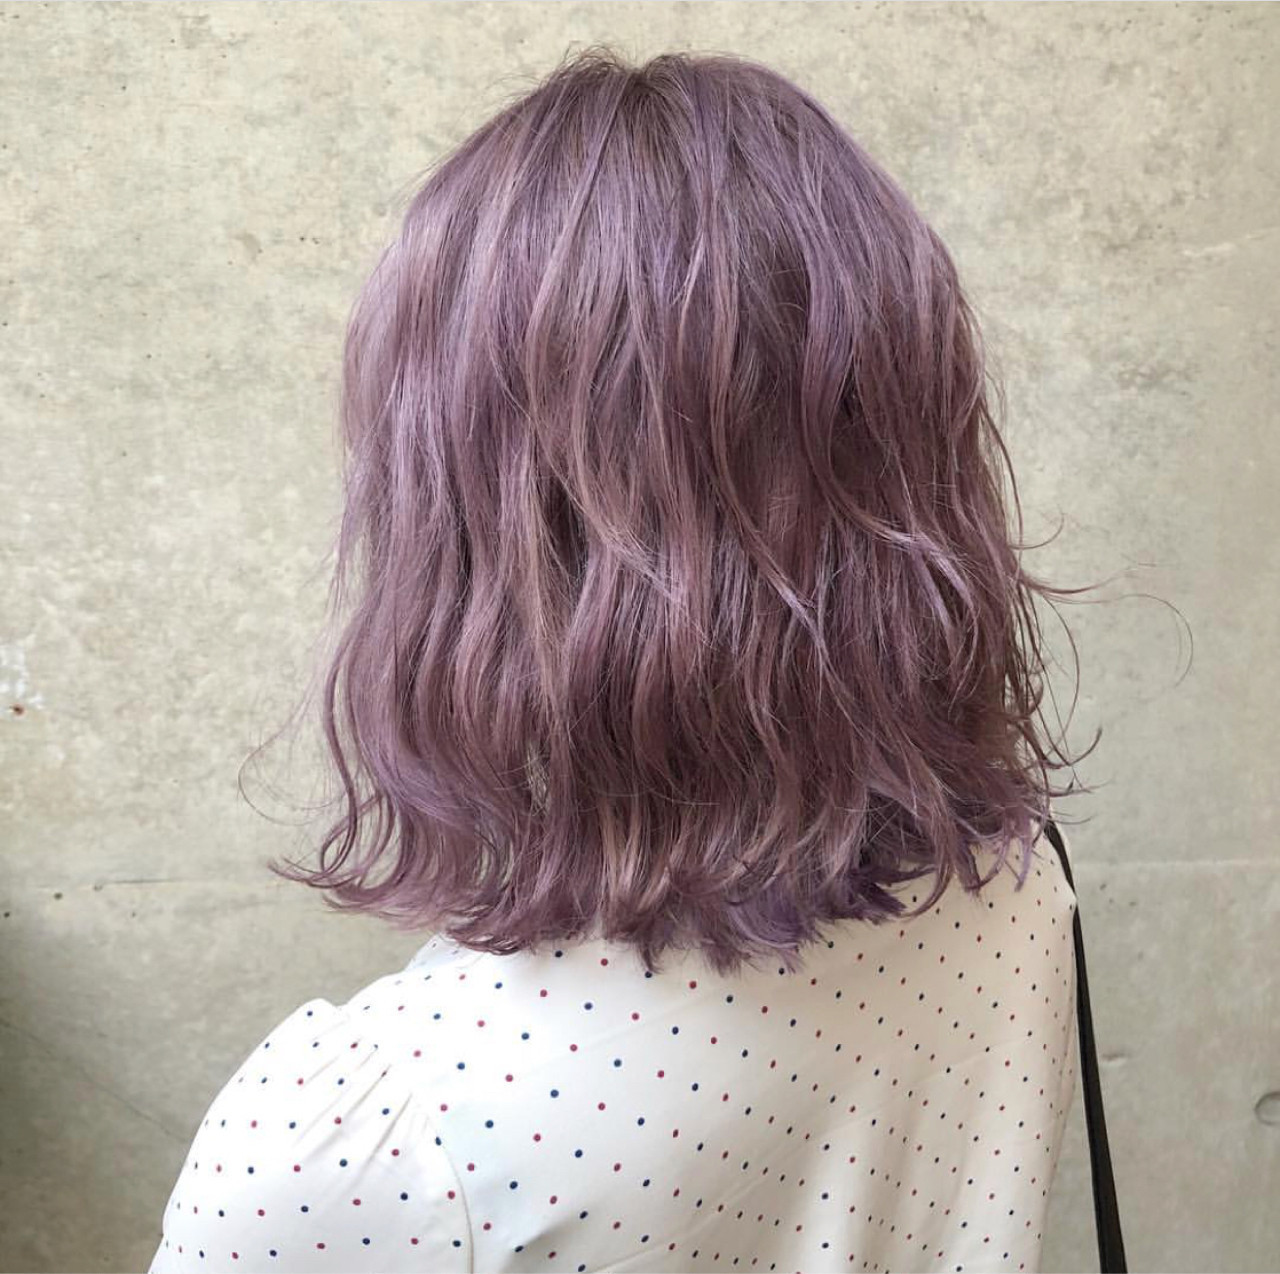 今年の夏はどんな髪色にする?みんなが注目してるおすすめ髪色♡ の8枚目の画像